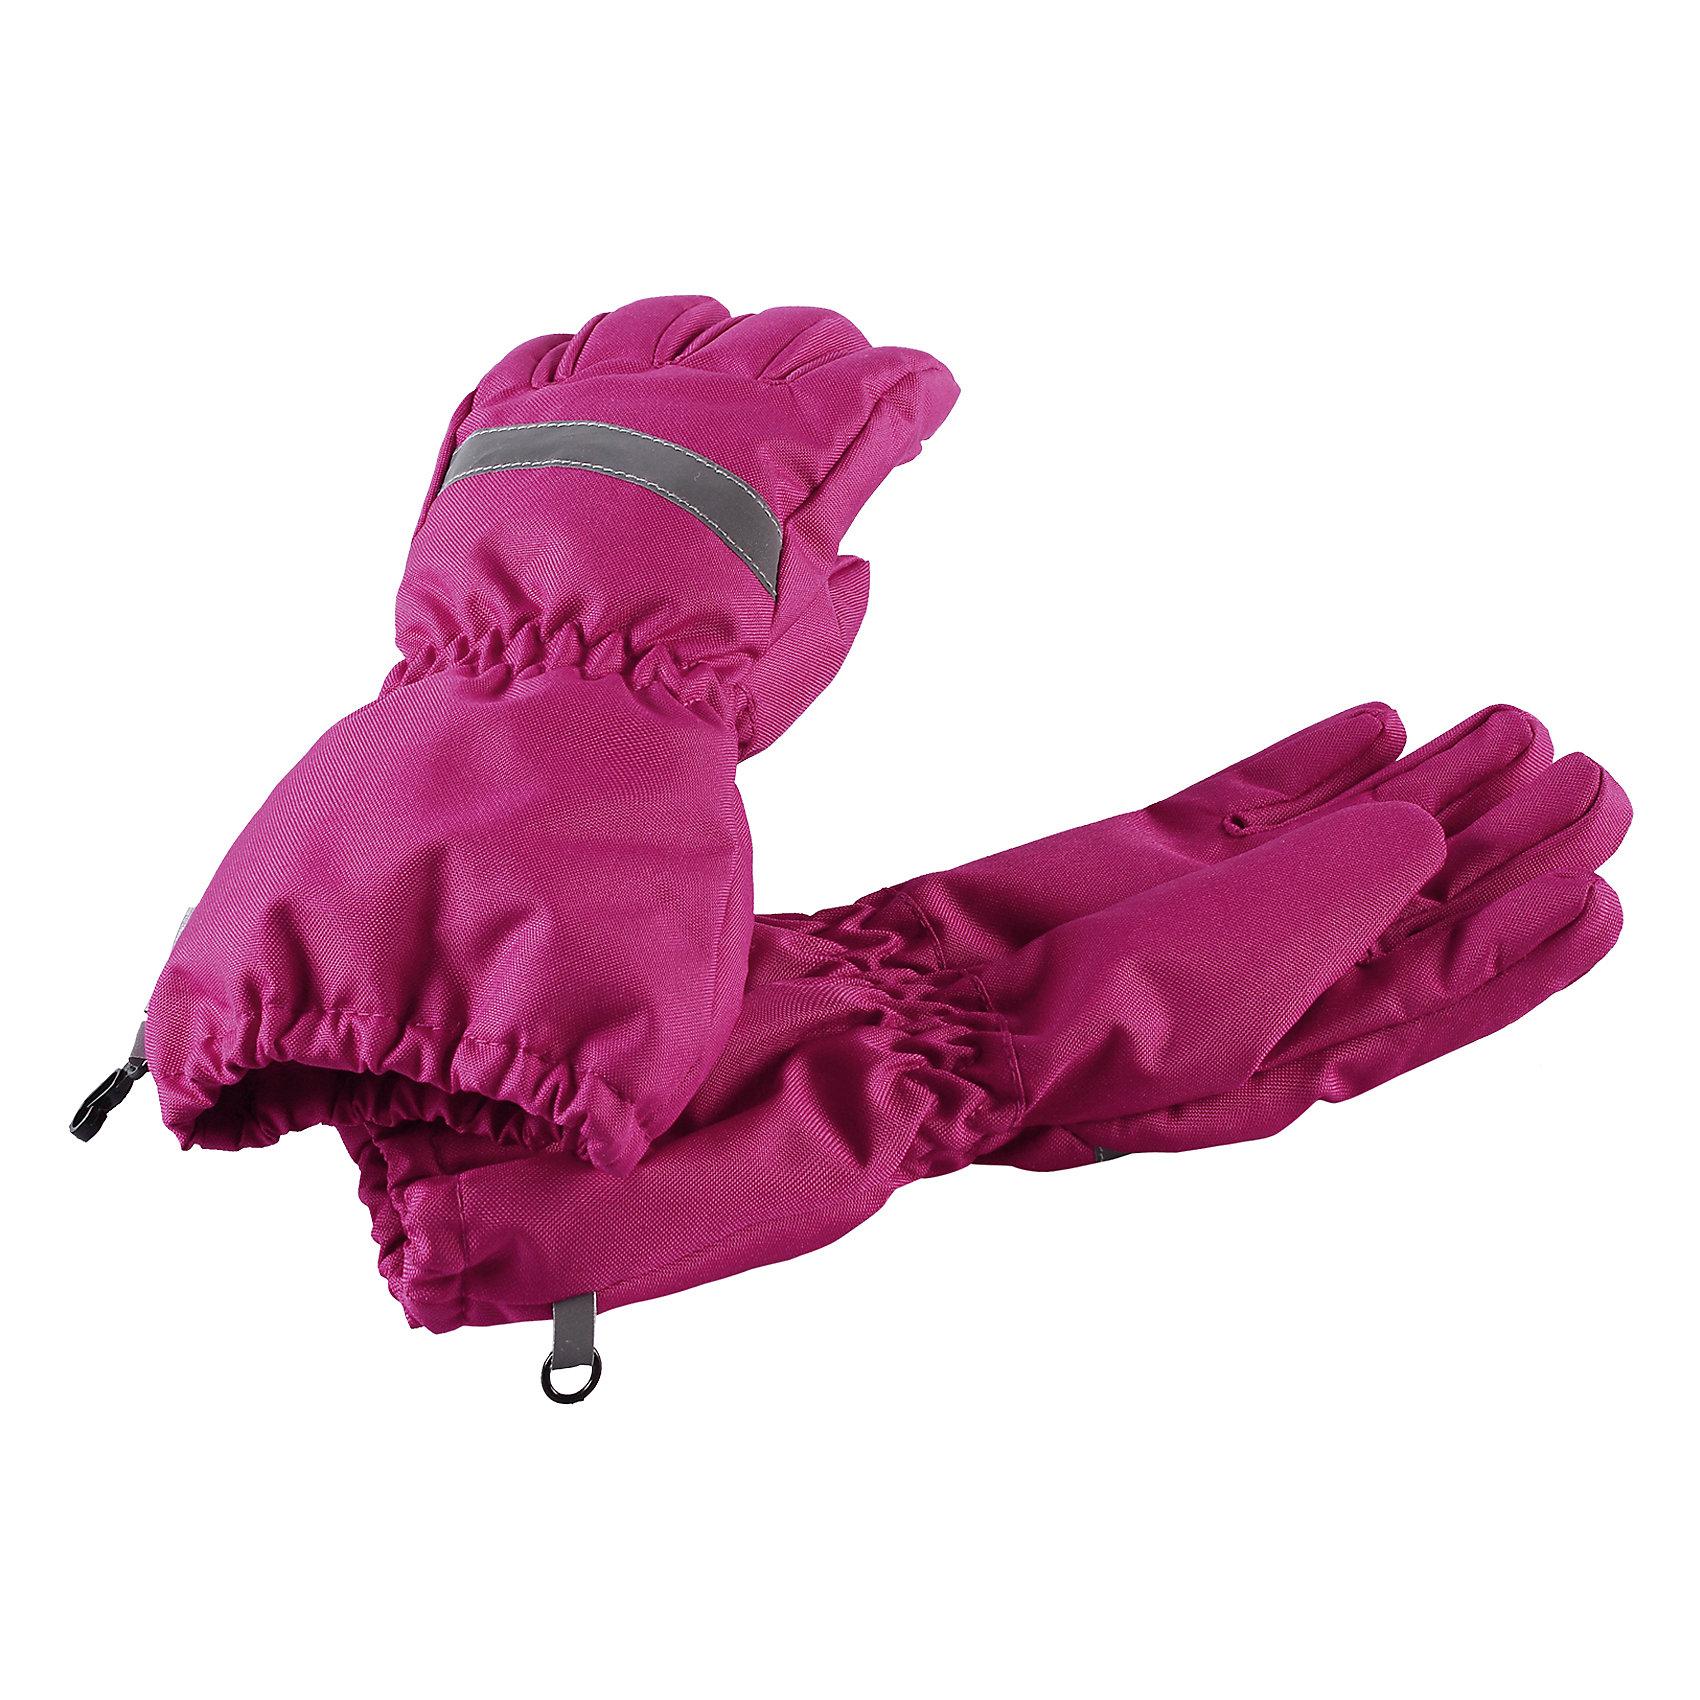 Перчатки LassieПерчатки, варежки<br>Характеристики товара:<br><br>• цвет: розовый;<br>• состав: 100% полиэстер;<br>• подкладка: 100% полиэстер с начесом;<br>• утеплитель: 120 г/м2;<br>• сезон: зима;<br>• температурный режим: от 0 до -20С;<br>• водонепроницаемость: 1000 мм;<br>• воздухопроницаемость: 1000 мм;<br>• износостойкость: 50000 циклов (тест Мартиндейла);<br>• особенности: мембранные;<br>• водоотталкивающий, ветронепроницаемый и грязеотталкивающий материал;<br>• подкладка из полиэстера с начесом; <br>• сверхпрочный материал;<br>• светоотражающие детали; <br>• страна бренда: Финляндия;<br>• страна изготовитель: Китай;<br><br>Эти детские перчатки созданы, чтобы ручки оставались теплыми и сухими во время активных зимних прогулок. Они изготовлены из сверхпрочного материала с гладкой трикотажной подкладкой внутри. <br><br>Перчатки Lassie (Ласси) можно купить в нашем интернет-магазине.<br><br>Ширина мм: 162<br>Глубина мм: 171<br>Высота мм: 55<br>Вес г: 119<br>Цвет: розовый<br>Возраст от месяцев: 96<br>Возраст до месяцев: 120<br>Пол: Унисекс<br>Возраст: Детский<br>Размер: 6,3,4,5<br>SKU: 6928051